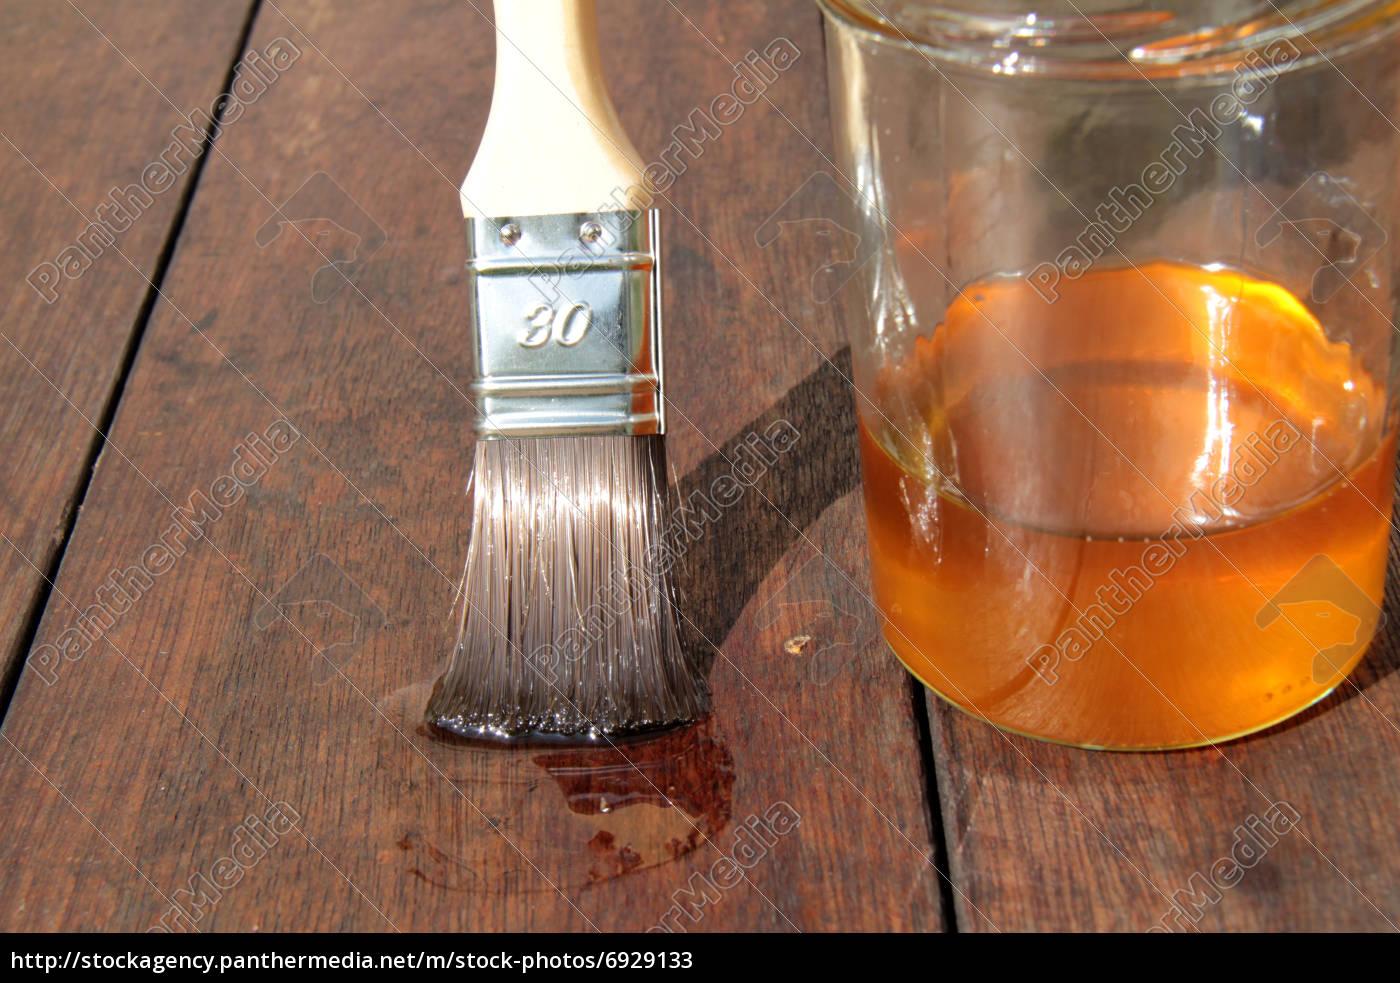 holz mit leinöl ökologisch bearbeiten - stockfoto - #6929133